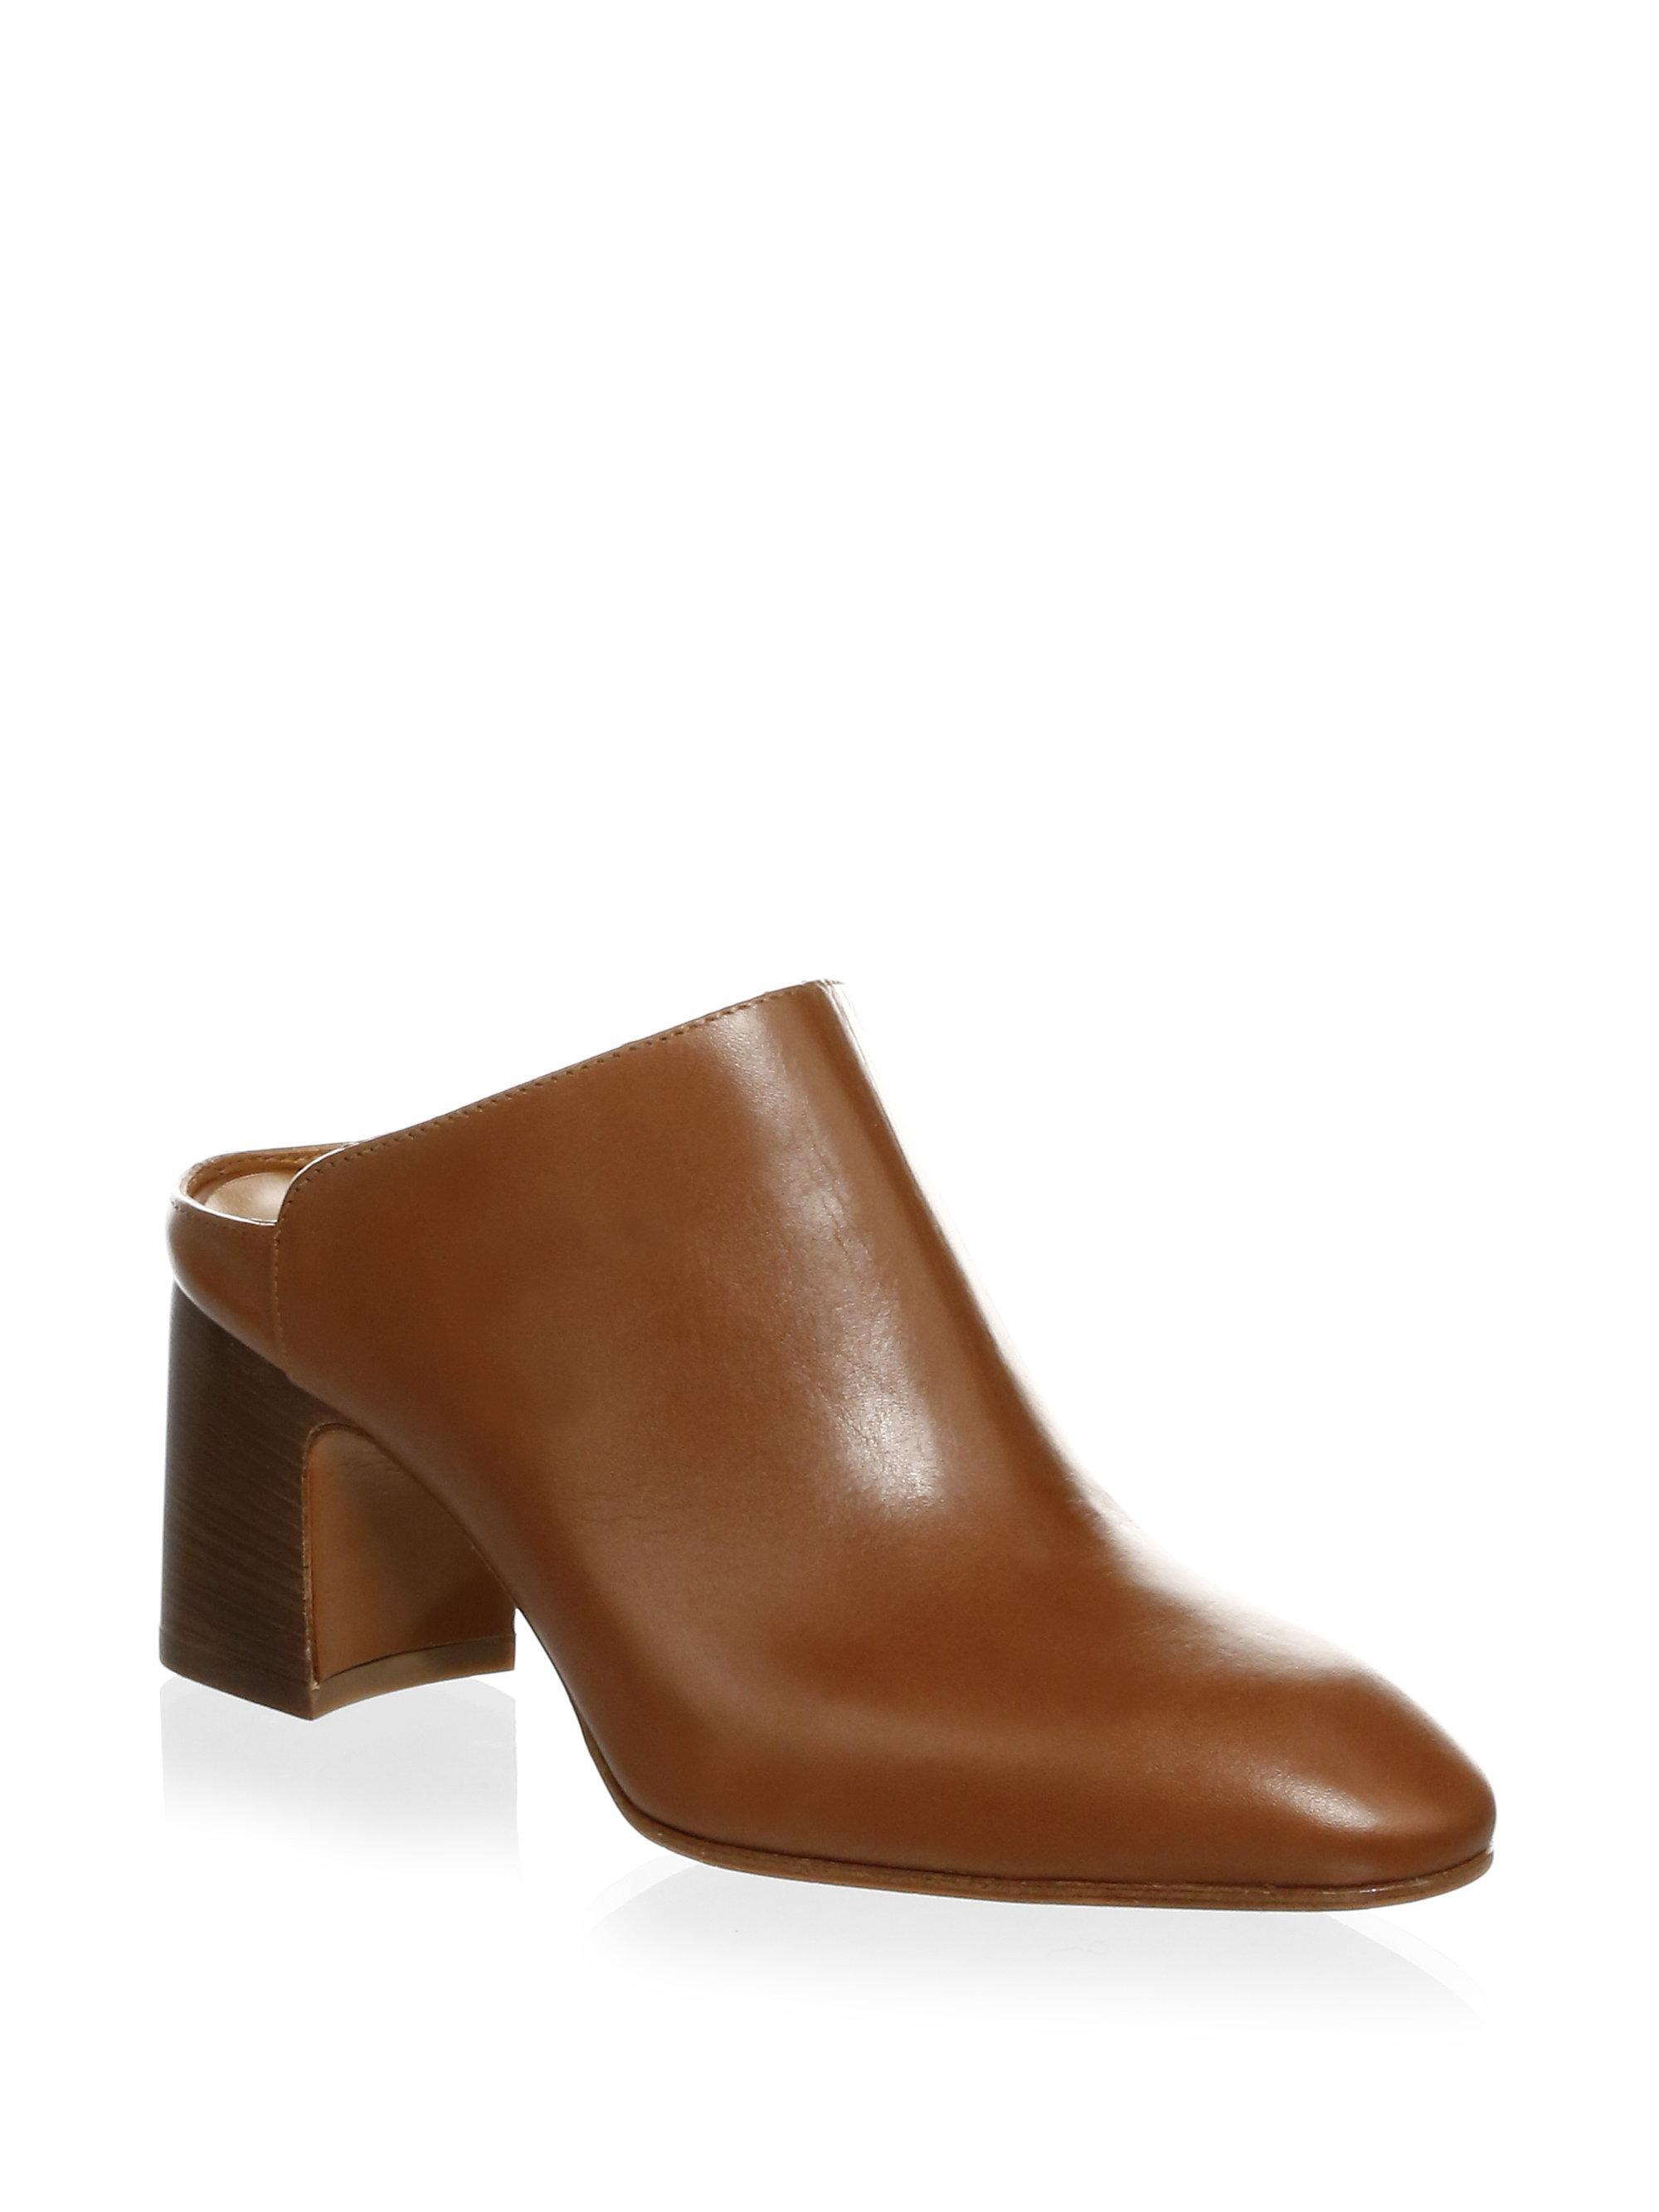 Pre-owned - Leather mules & clogs Aquatalia a2UAuMt